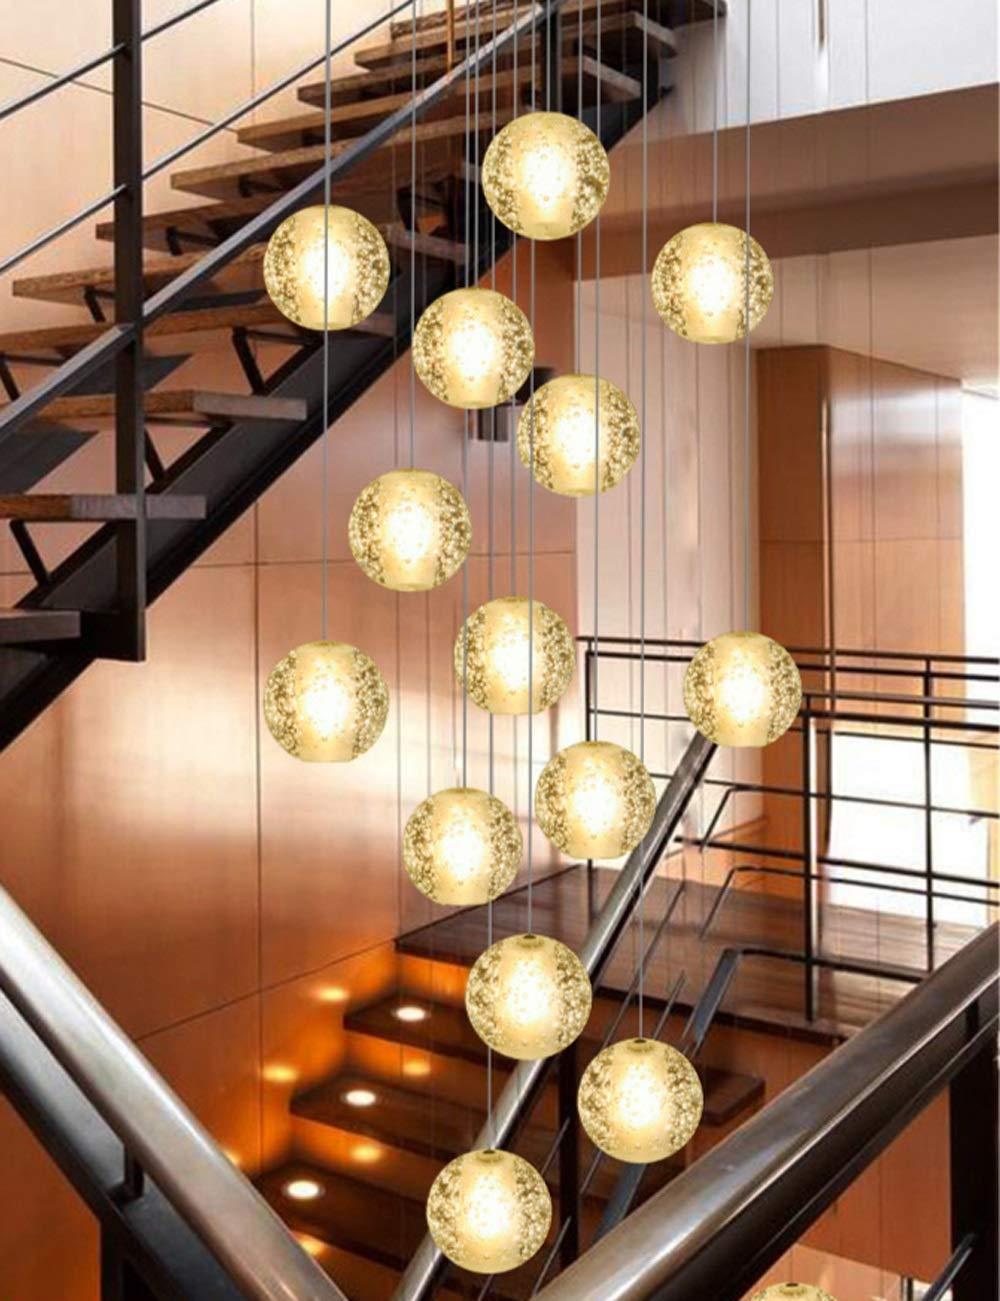 14 Bolas de vidrio Lámpara de escalera Lámpara larga Edificio dúplex Sala de estar Villa Lámpara de escalera giratoria nórdica Lámpara colgante minimalista moderna 50x200cm (Color: luz blanca): Amazon.es: Iluminación